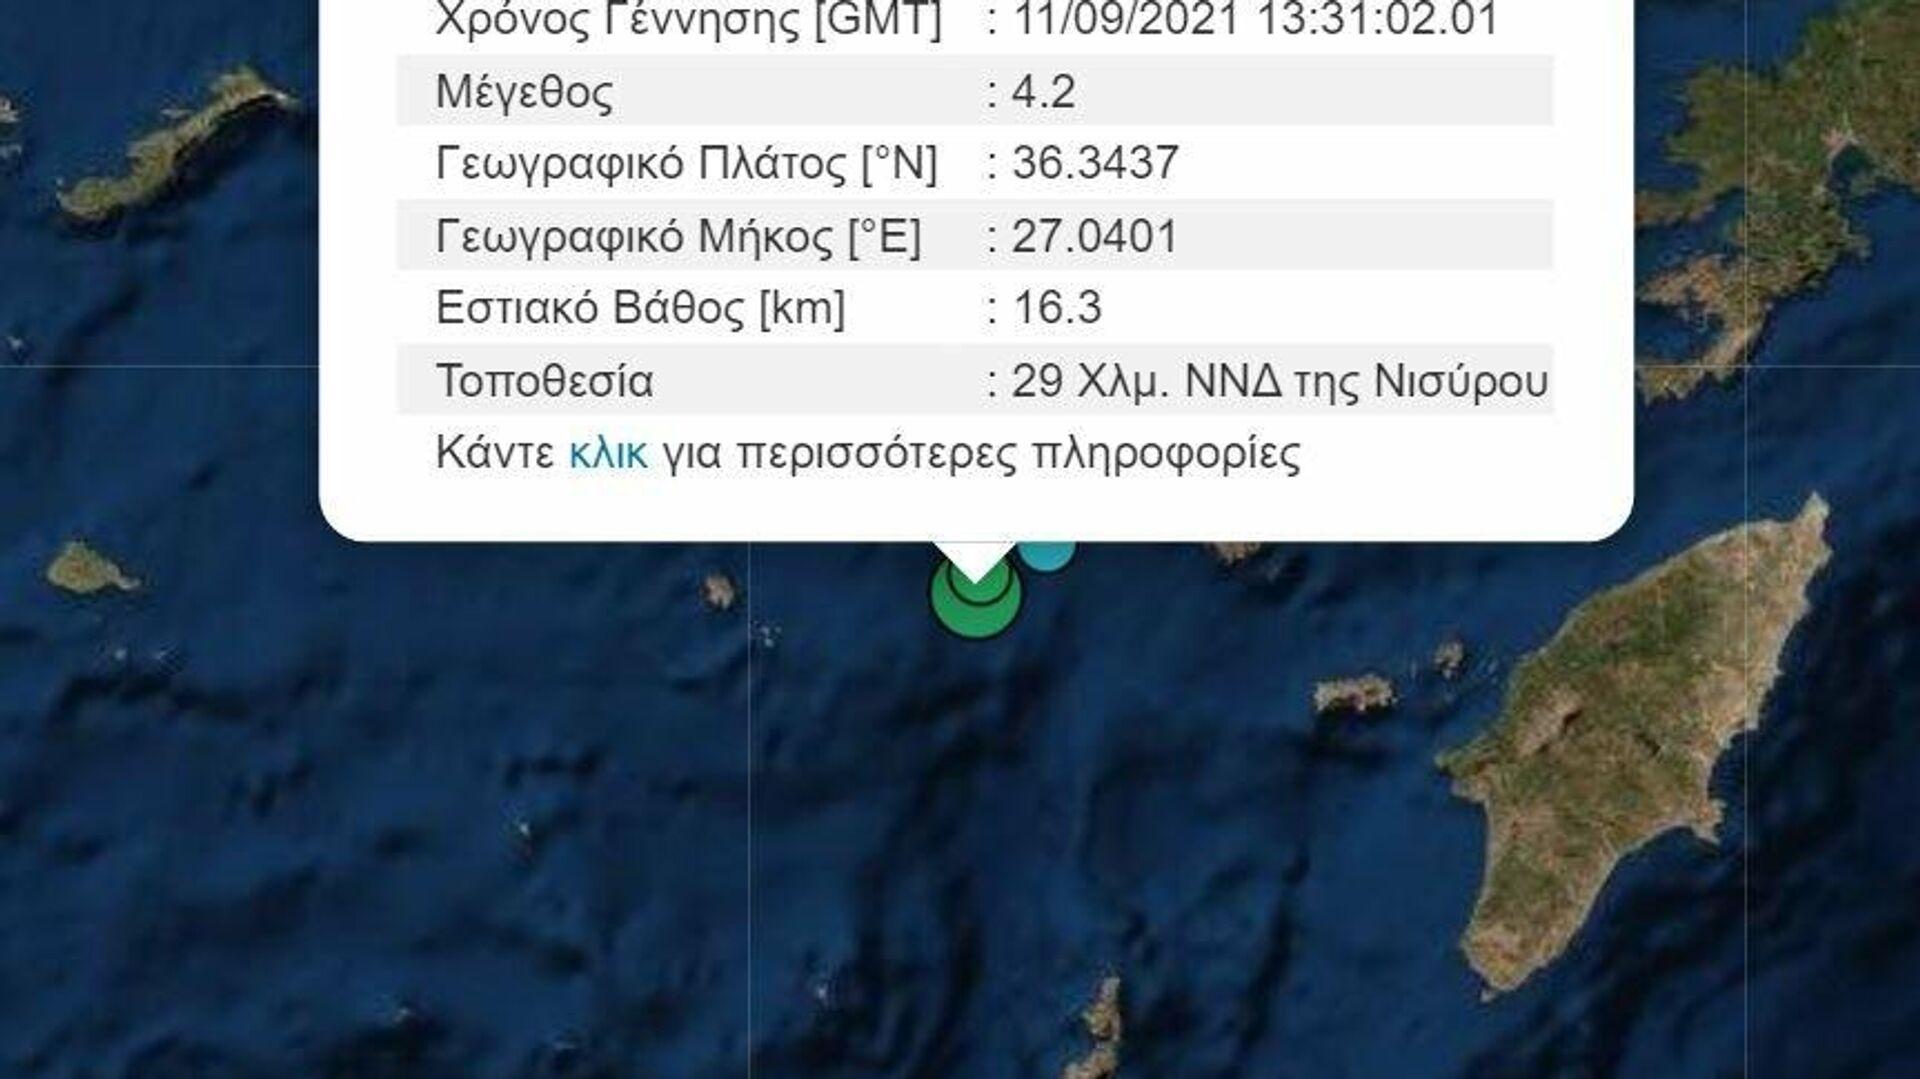 Σεισμός τώρα στη Νίσυρο - Sputnik Ελλάδα, 1920, 11.09.2021